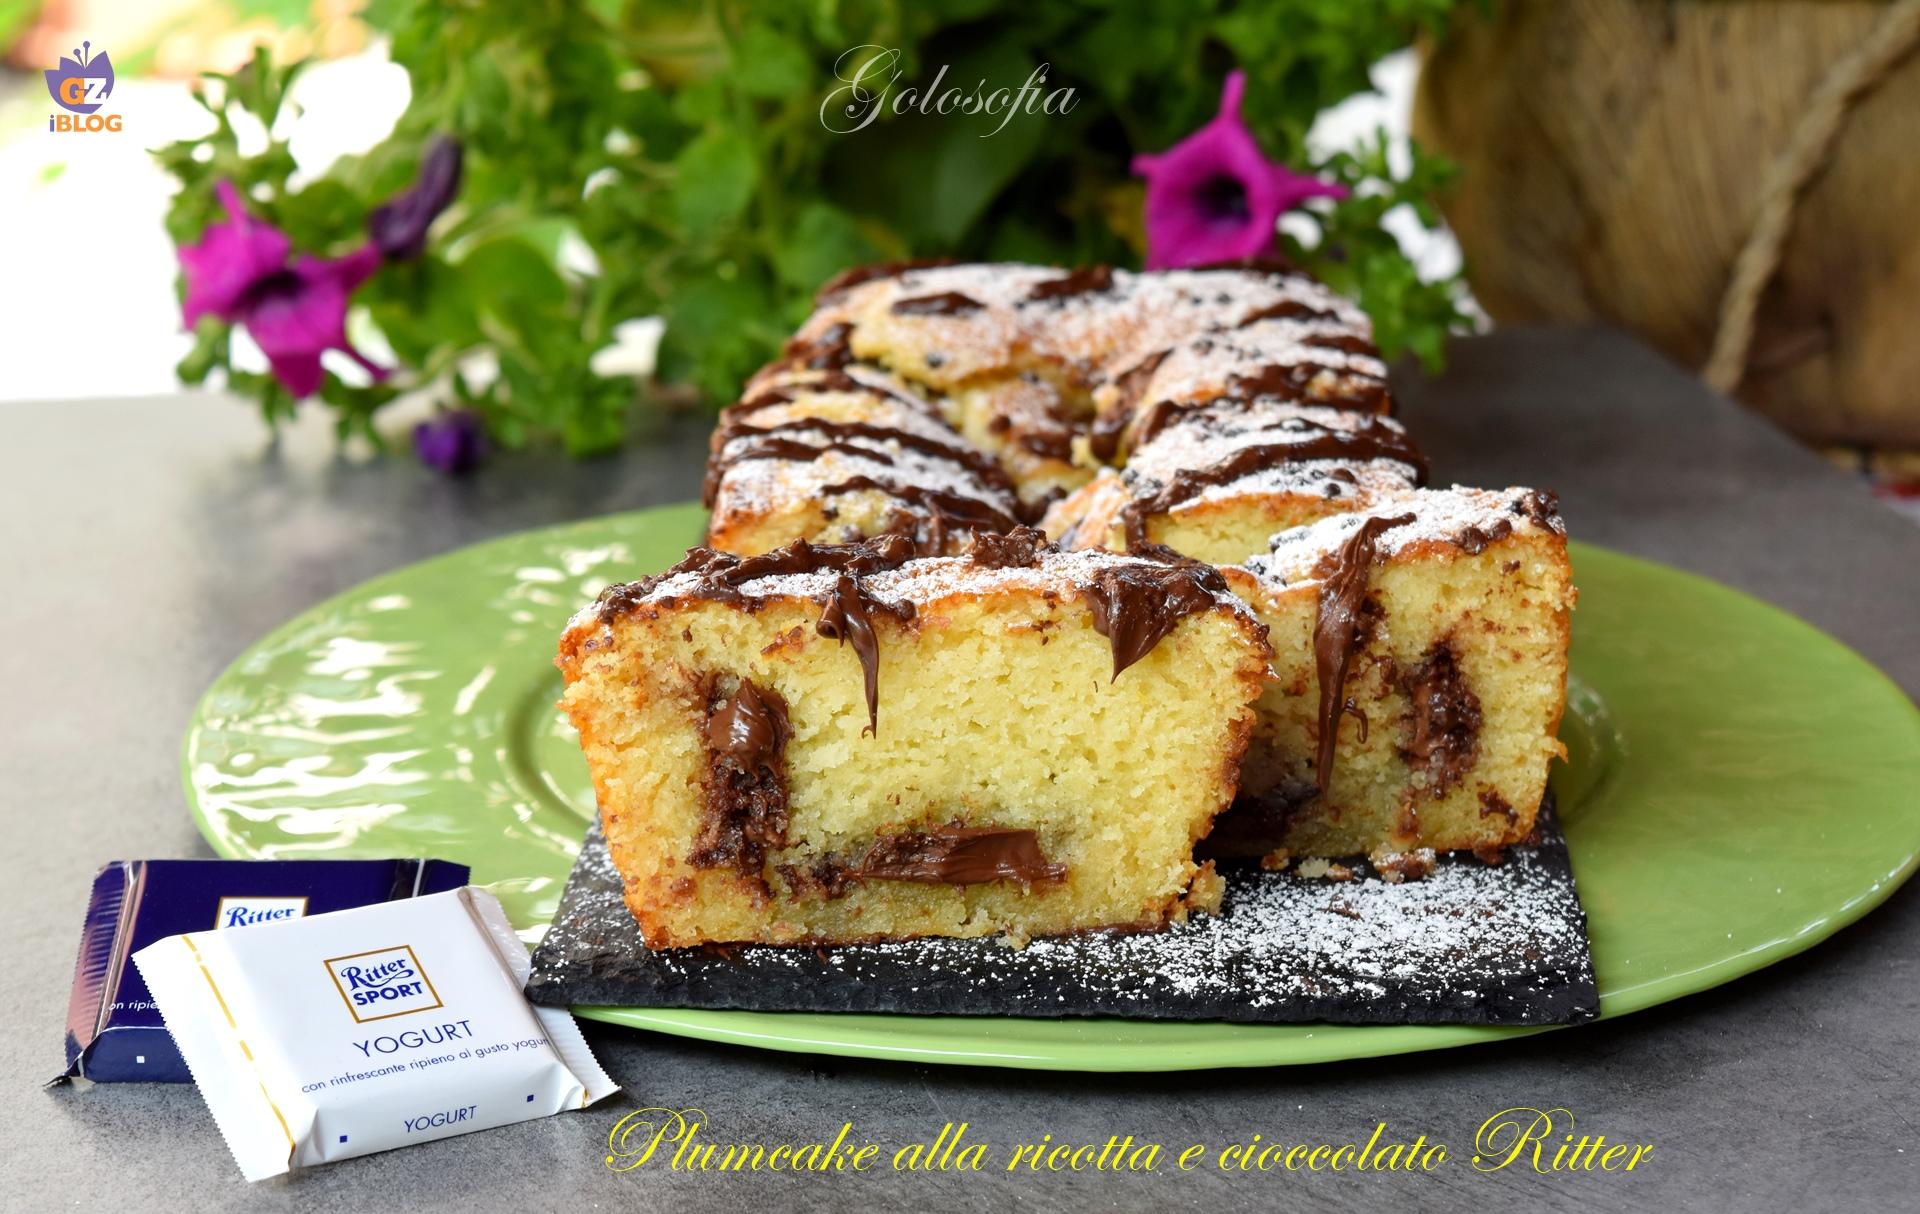 Plumcake alla Ricotta e Cioccolato Ritter, Golosissimo e Soffice!